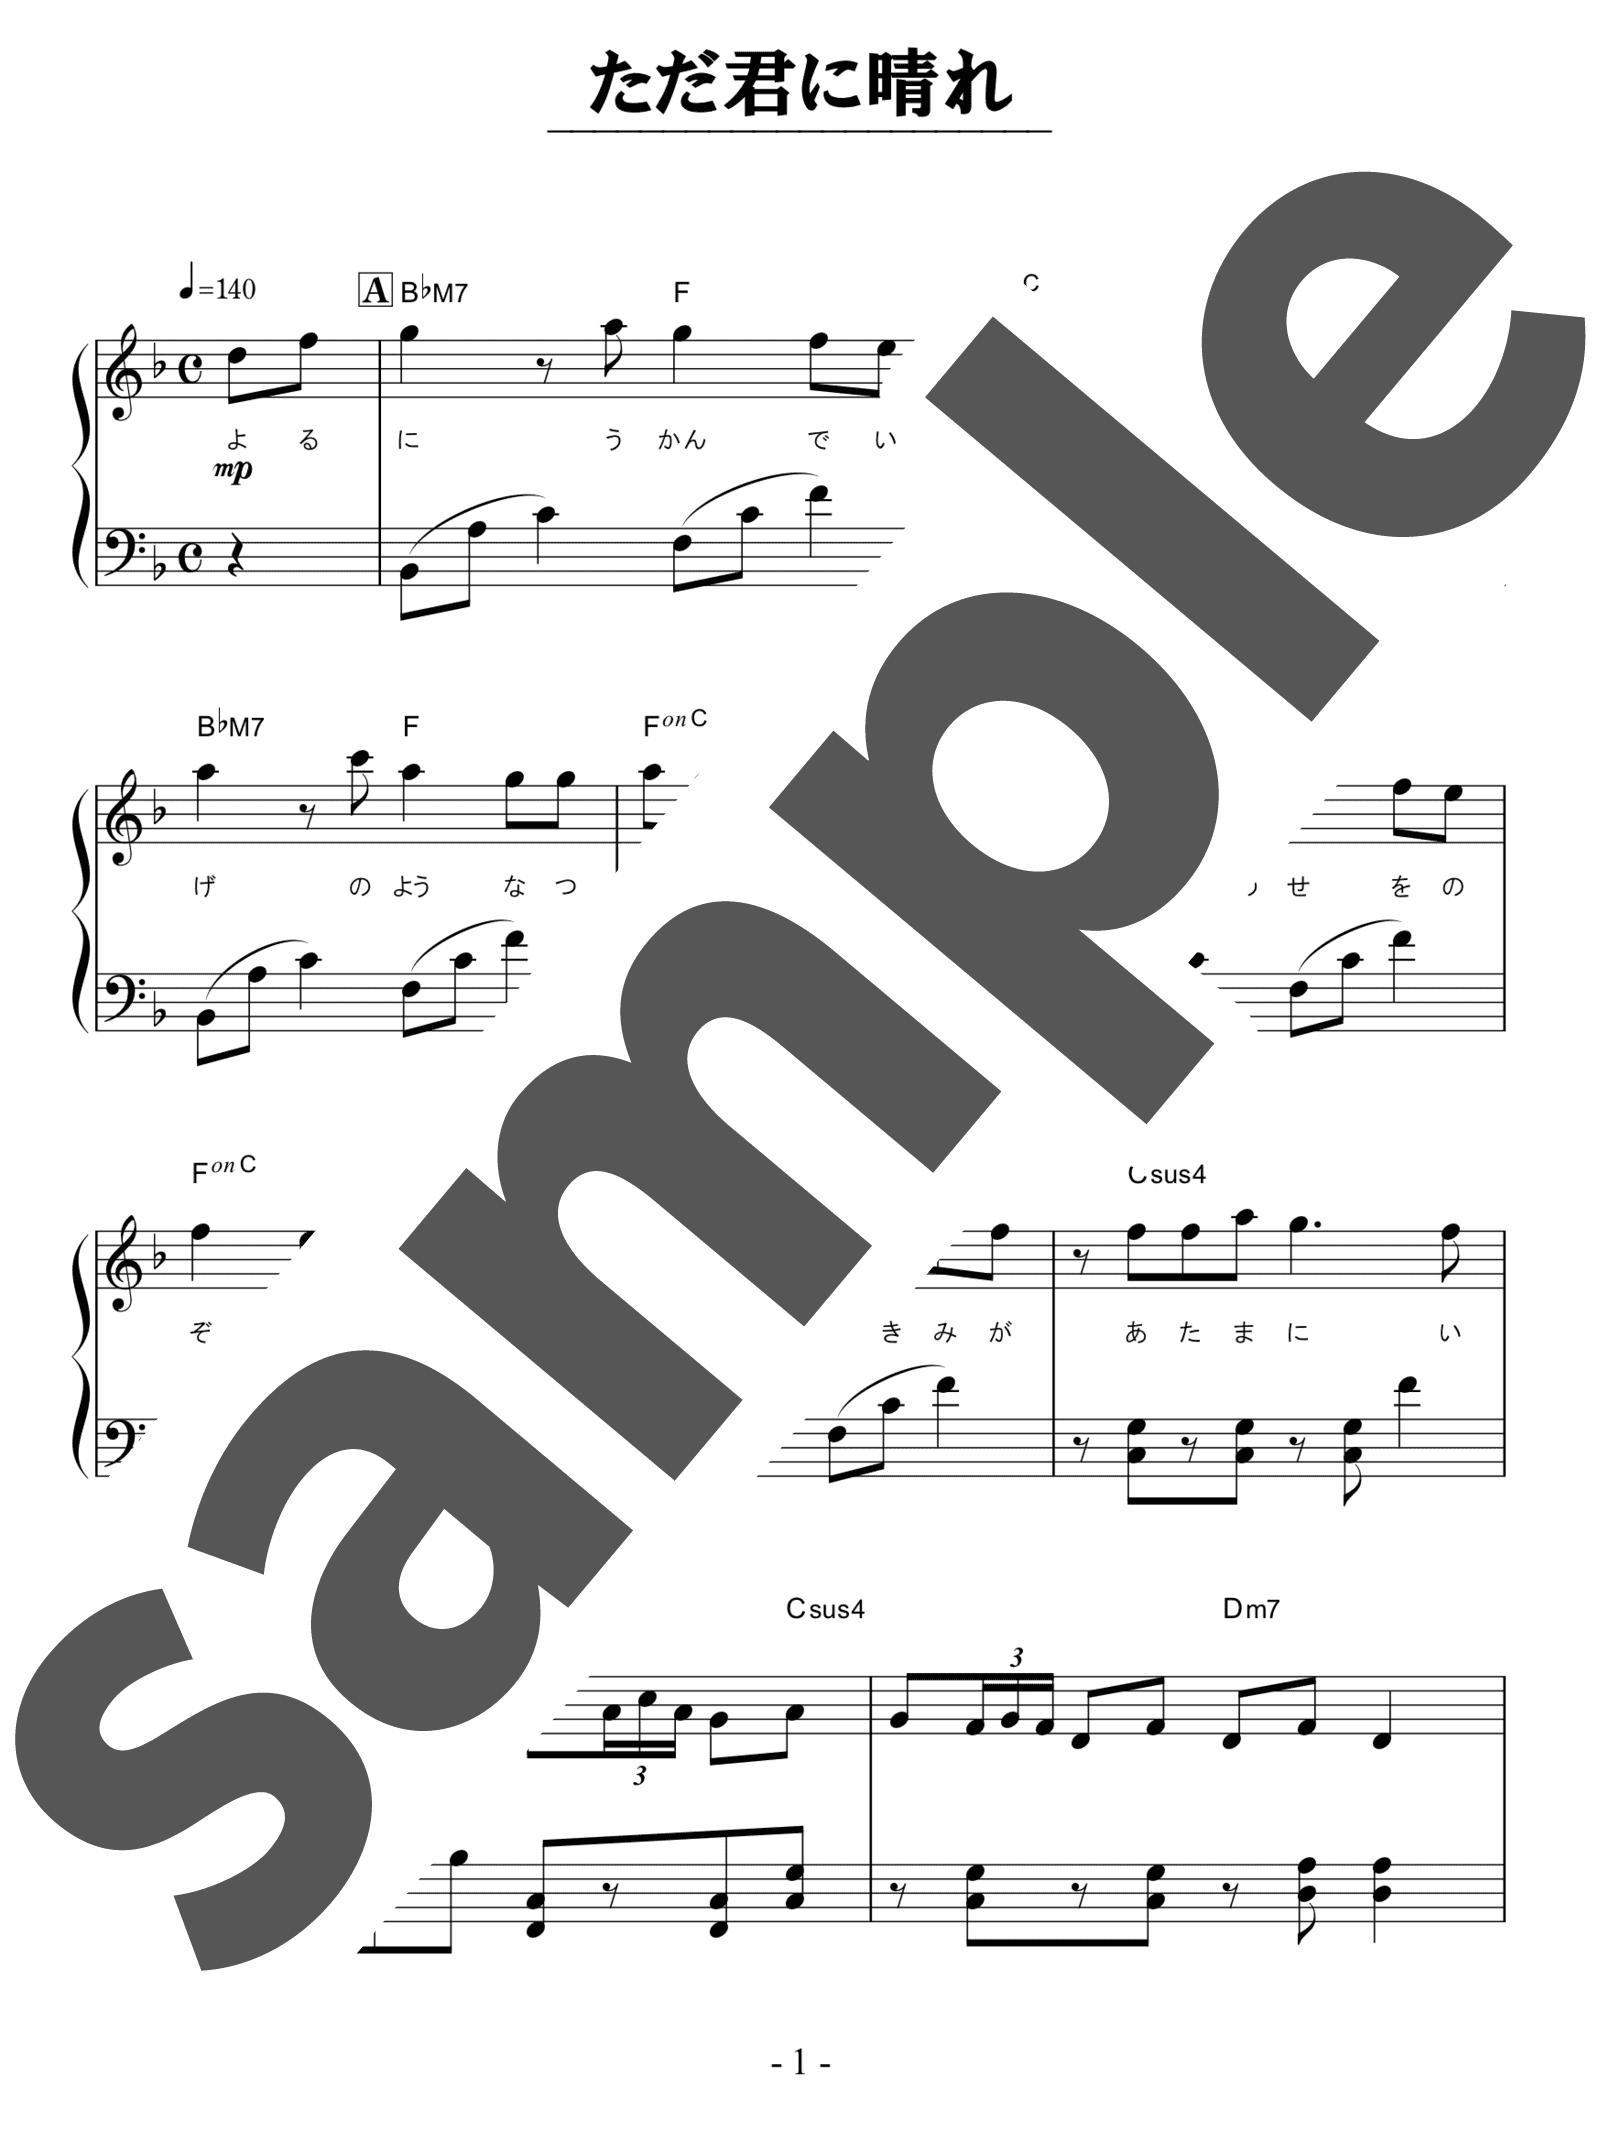 「ただ君に晴れ」のサンプル楽譜